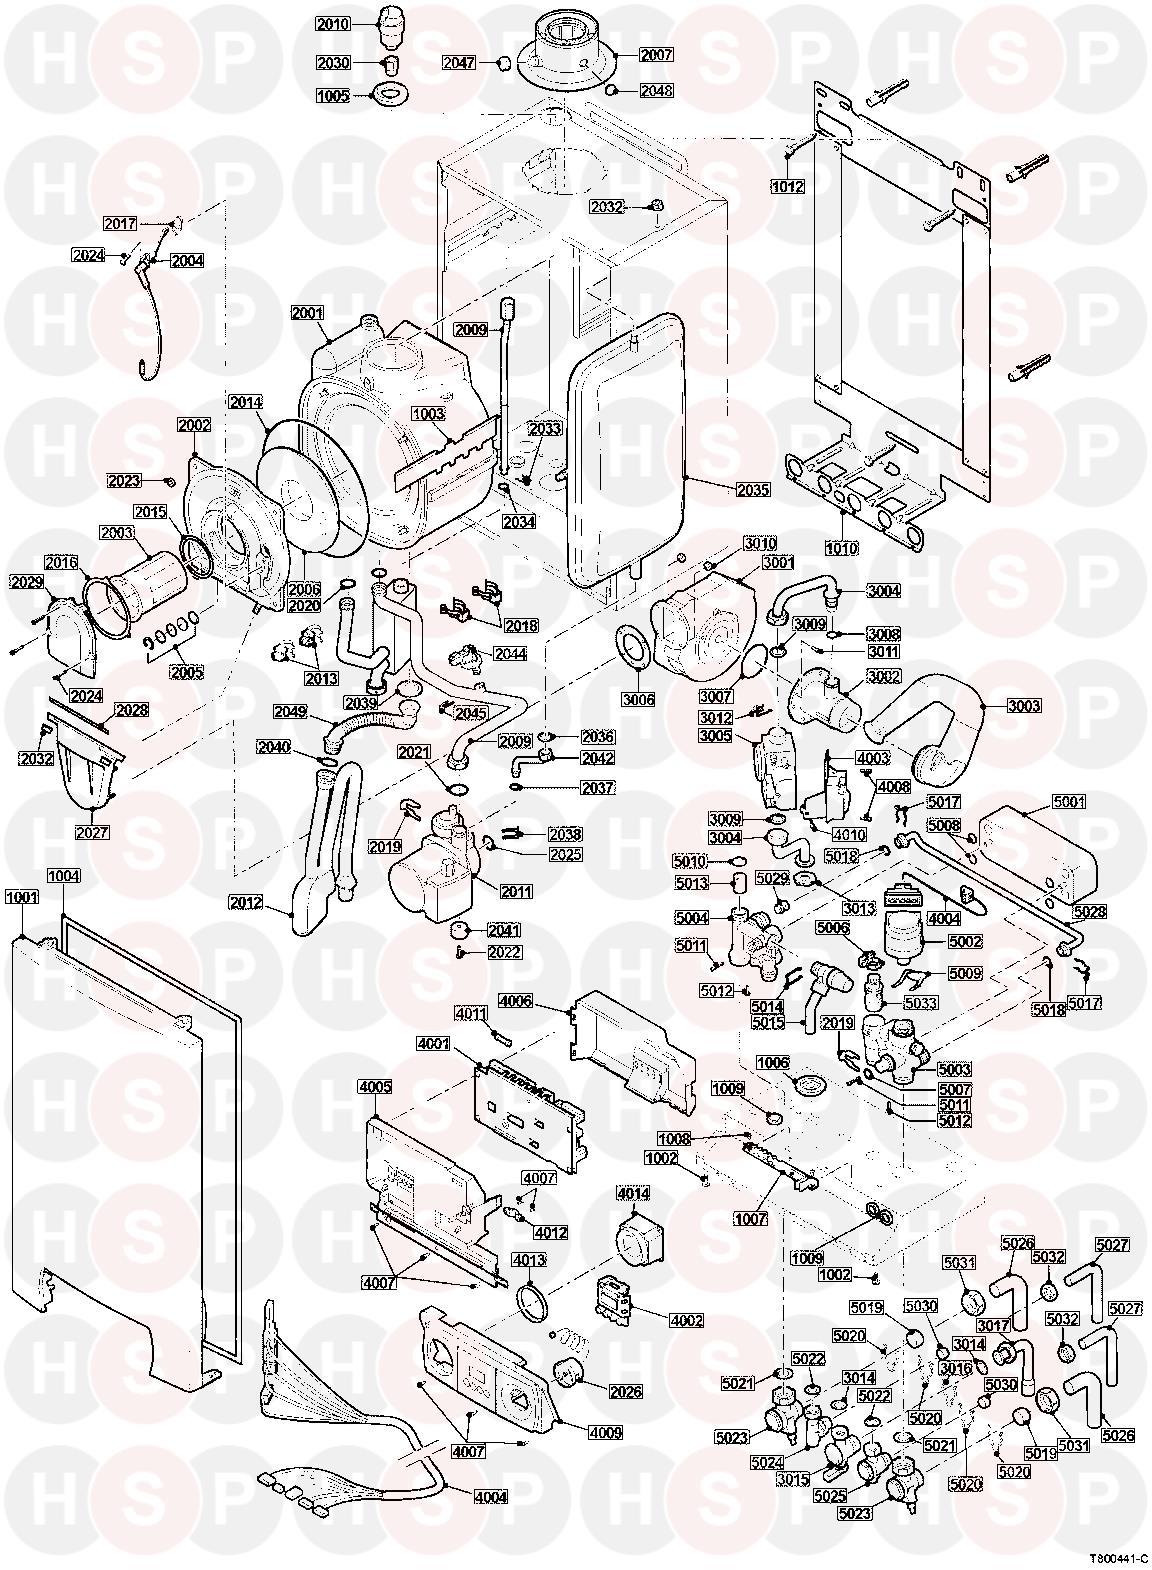 Baxi Plus 24c Combi  Exploded View Diagram